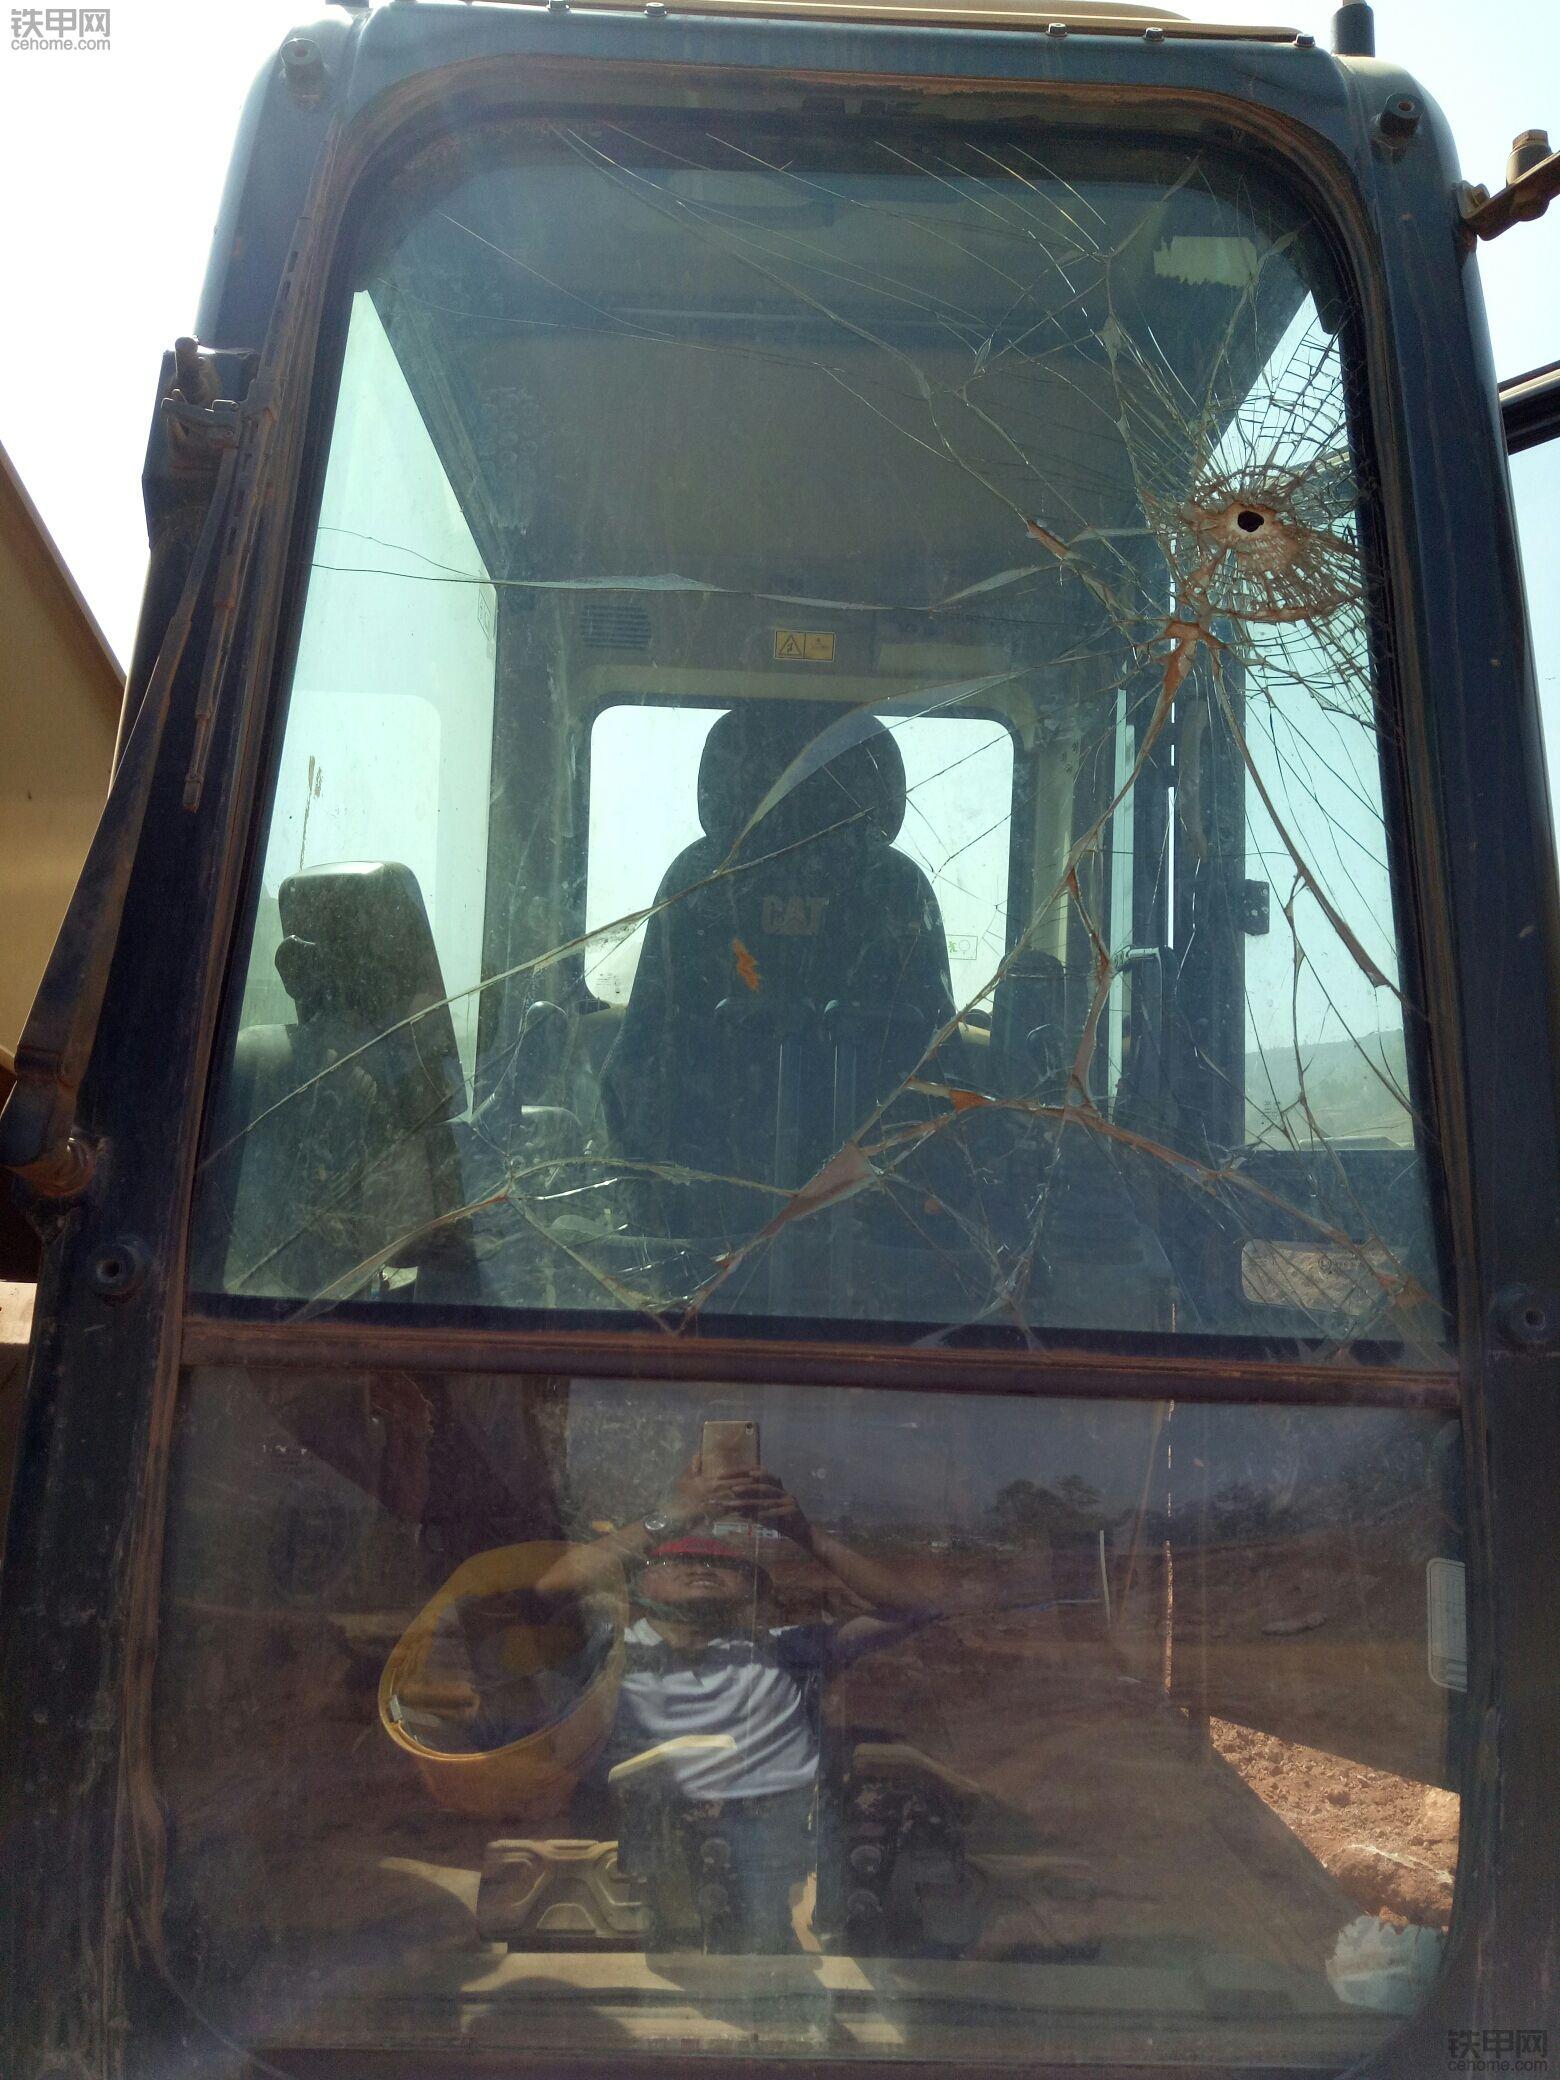 卡特336D2前挡风玻璃更换